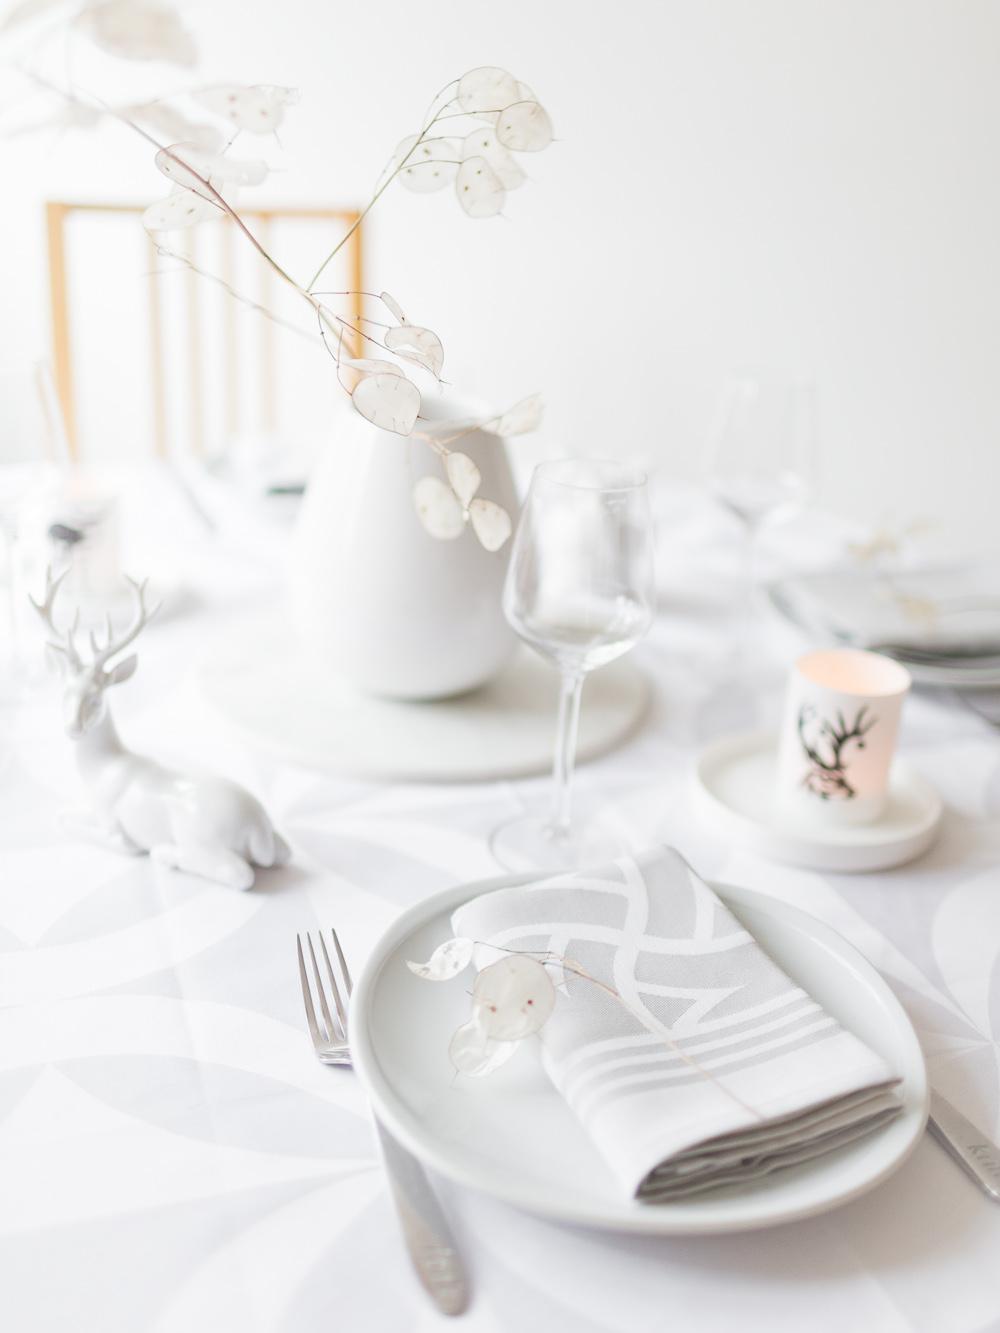 Blanccoco_Photographe_Jacquard_Francais_Styliste_Culinaire-1b